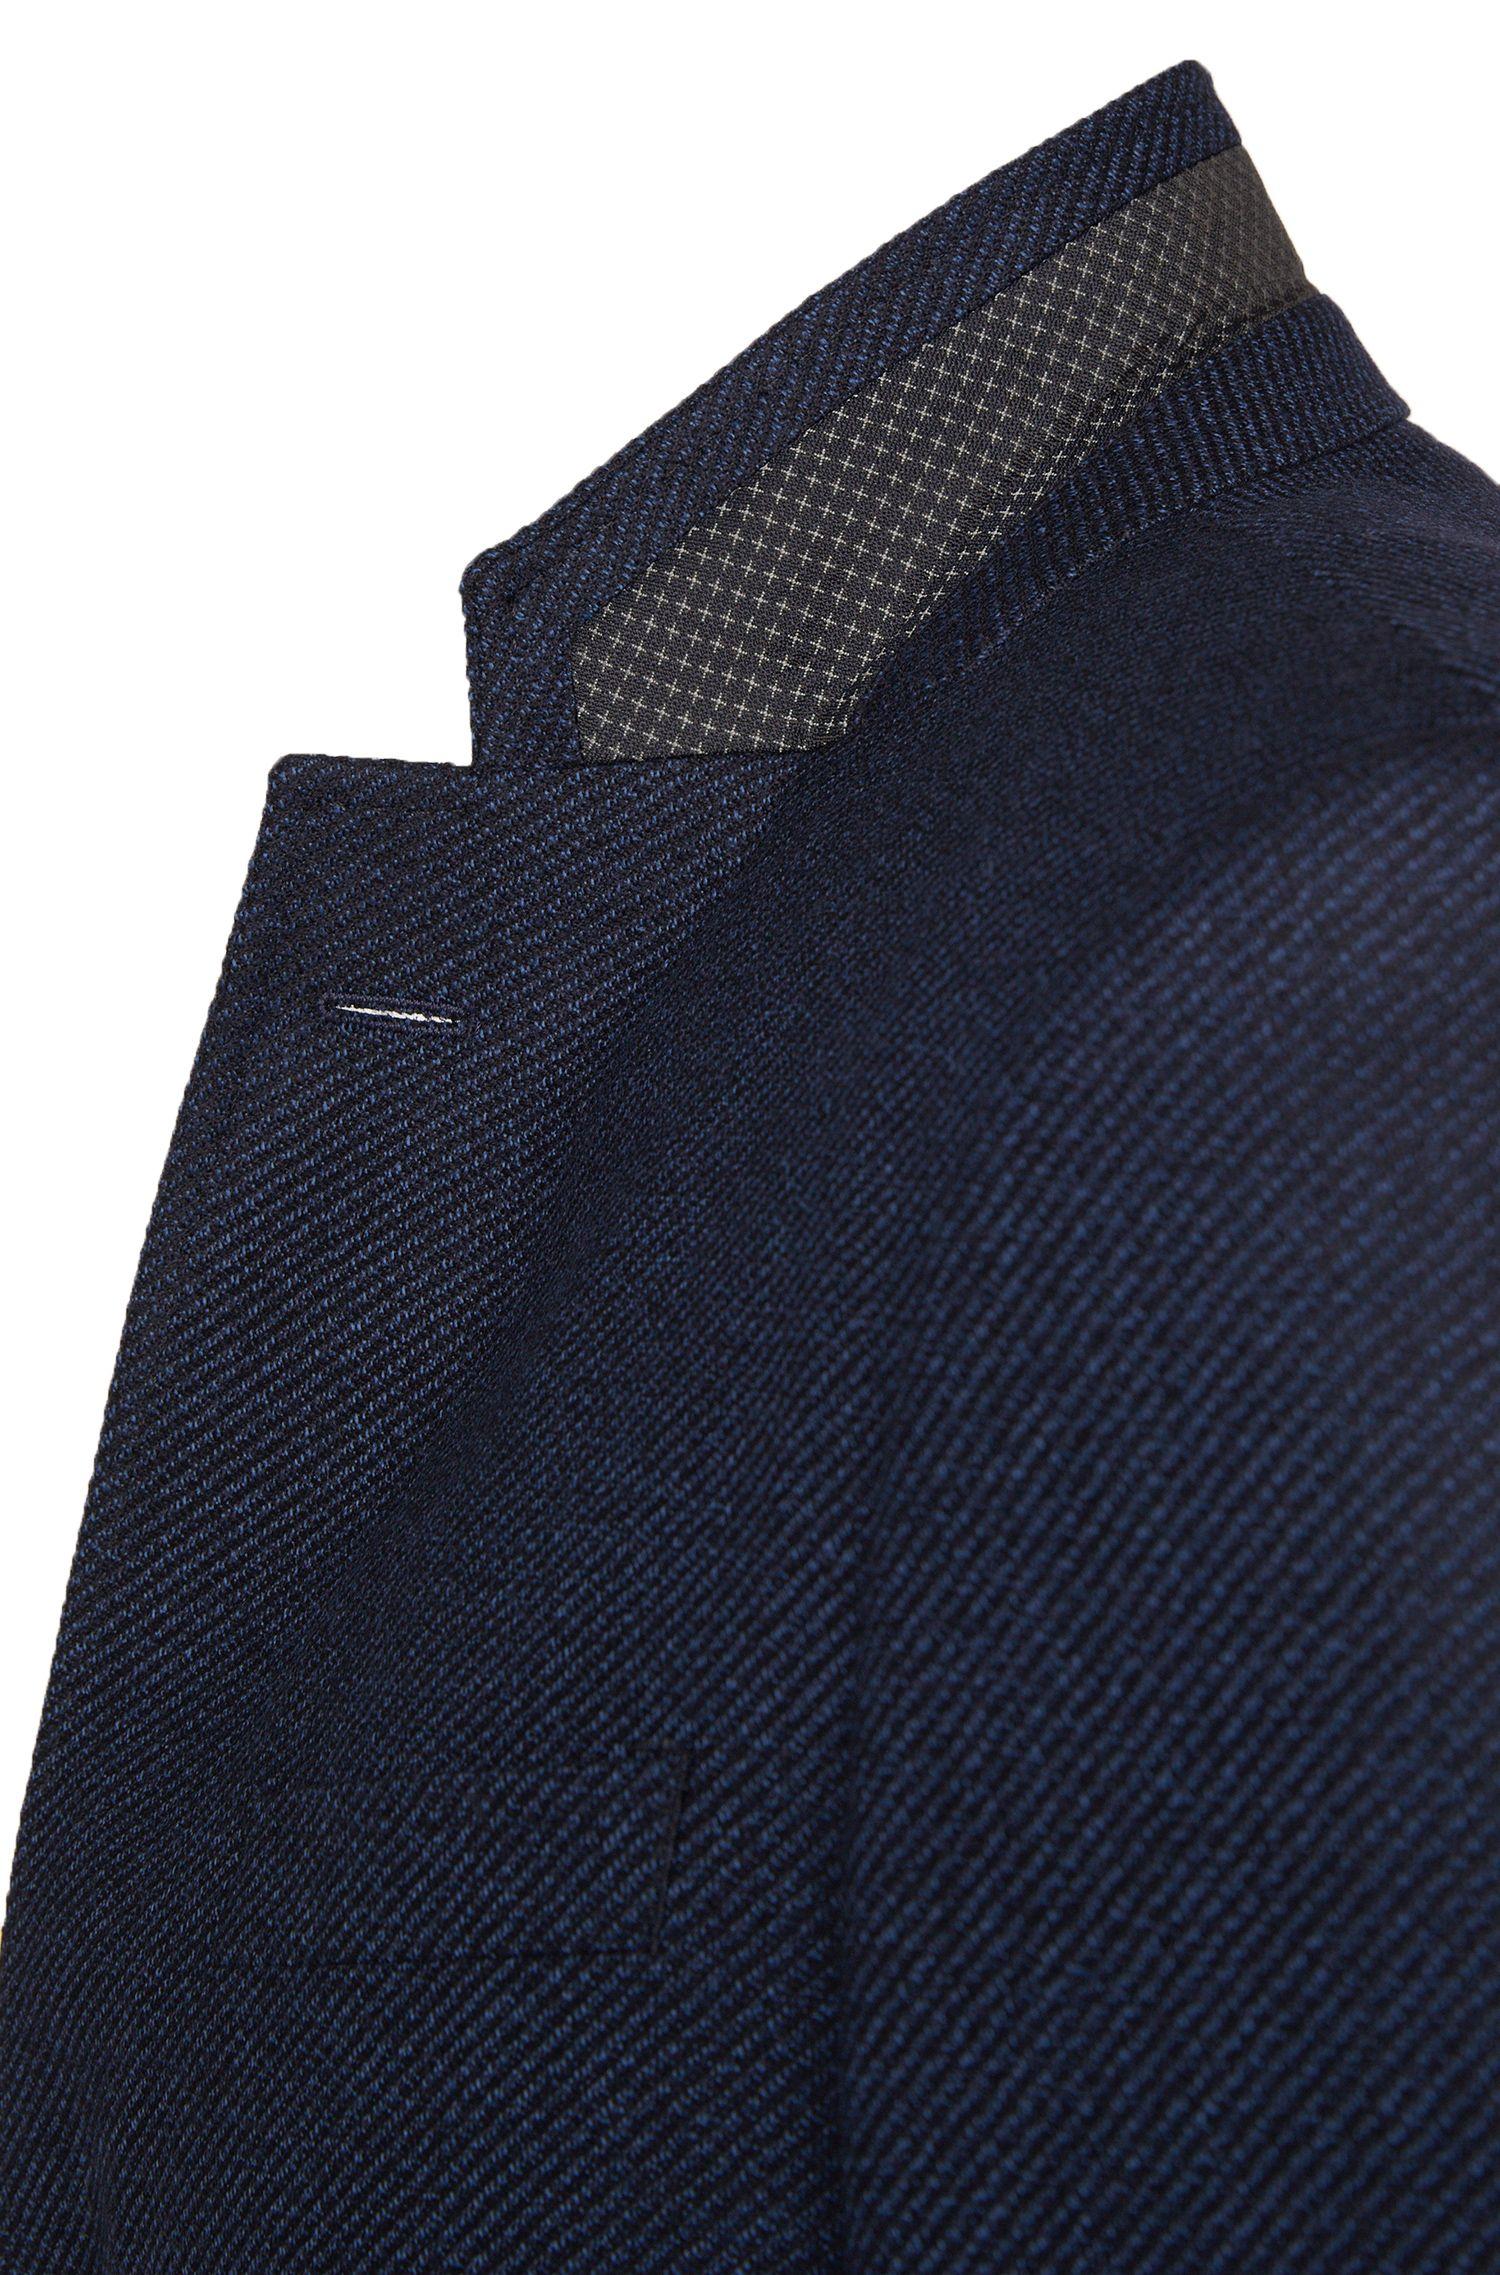 Slim-Fit Sakko aus strukturierter Schurwolle: 'Hutsons2'